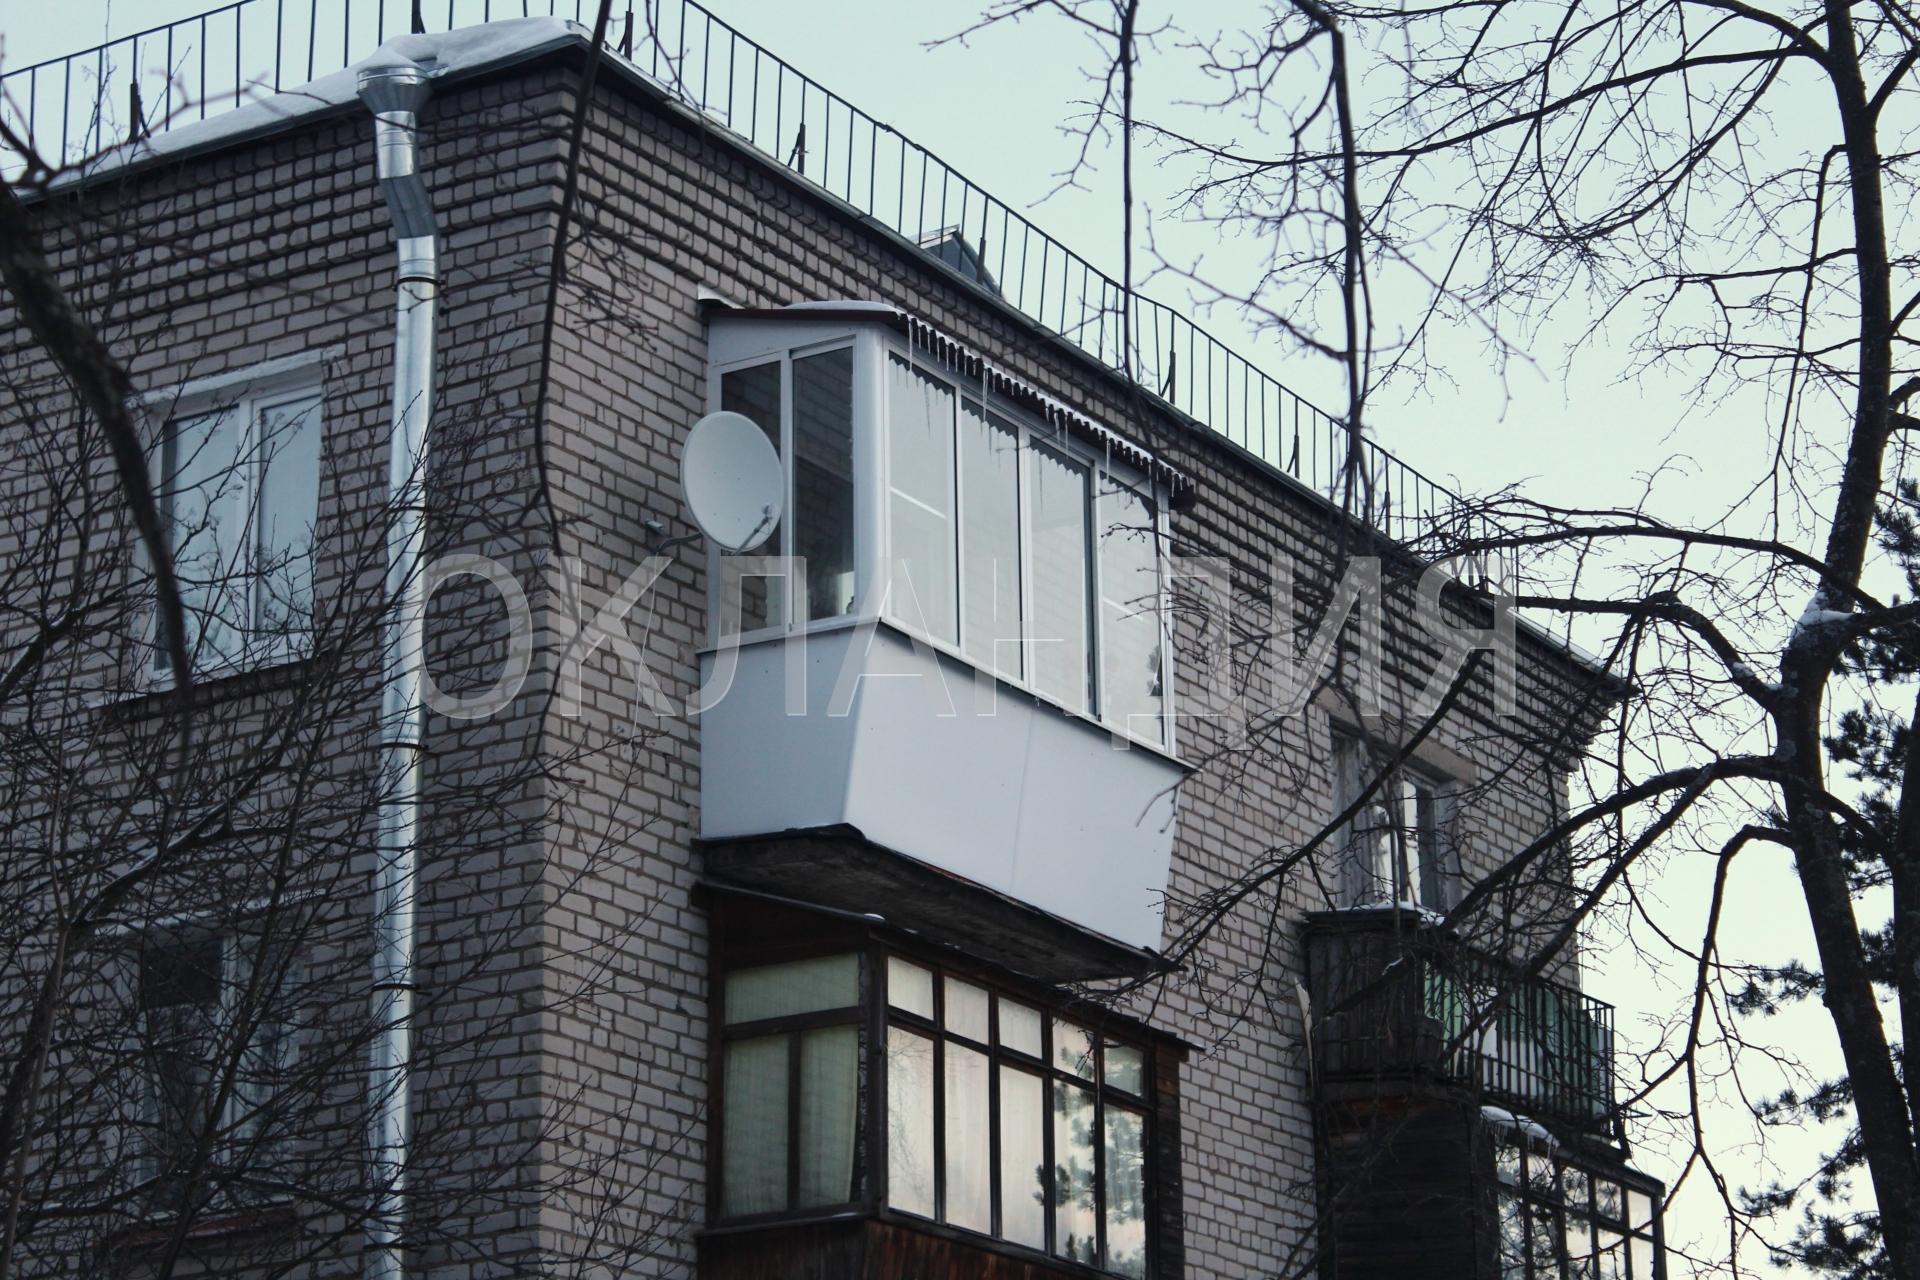 Монтаж крыши над балконом в кирпичной пятиэтажке.